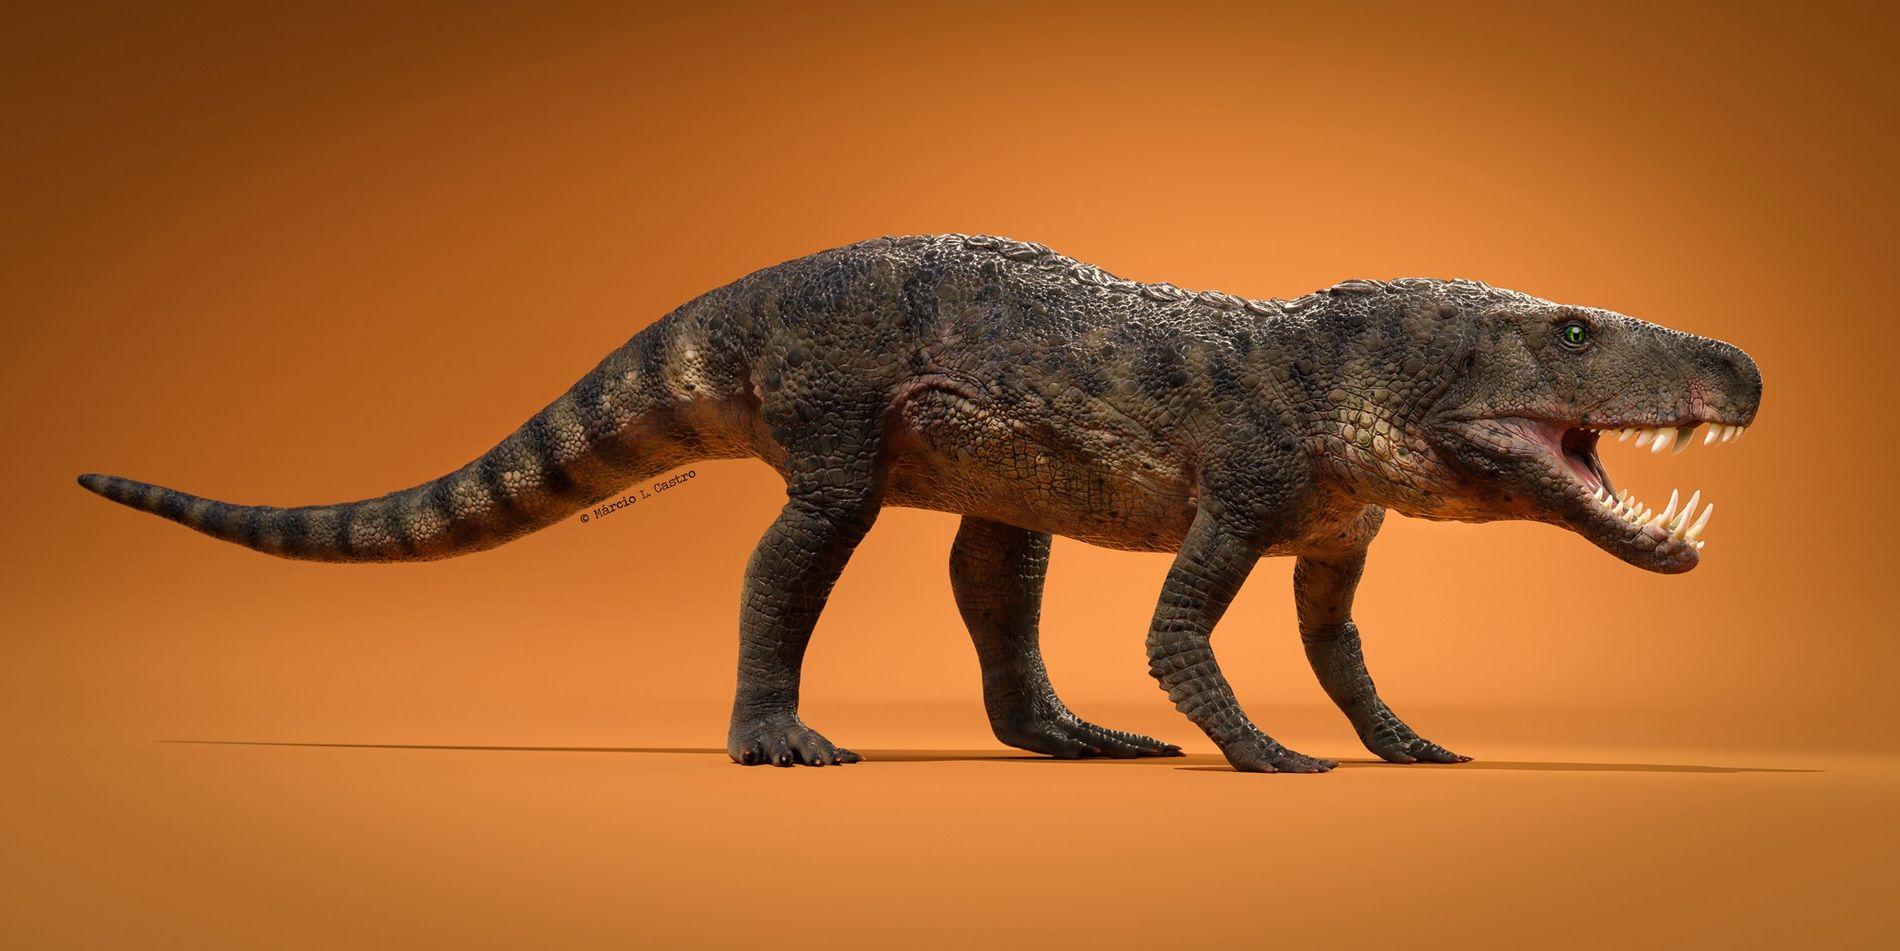 Diese neu entdeckte Reptilienart namens Dynamosuchus collisensi lebte vor 230 Millionen Jahren während der Trias. Der ...